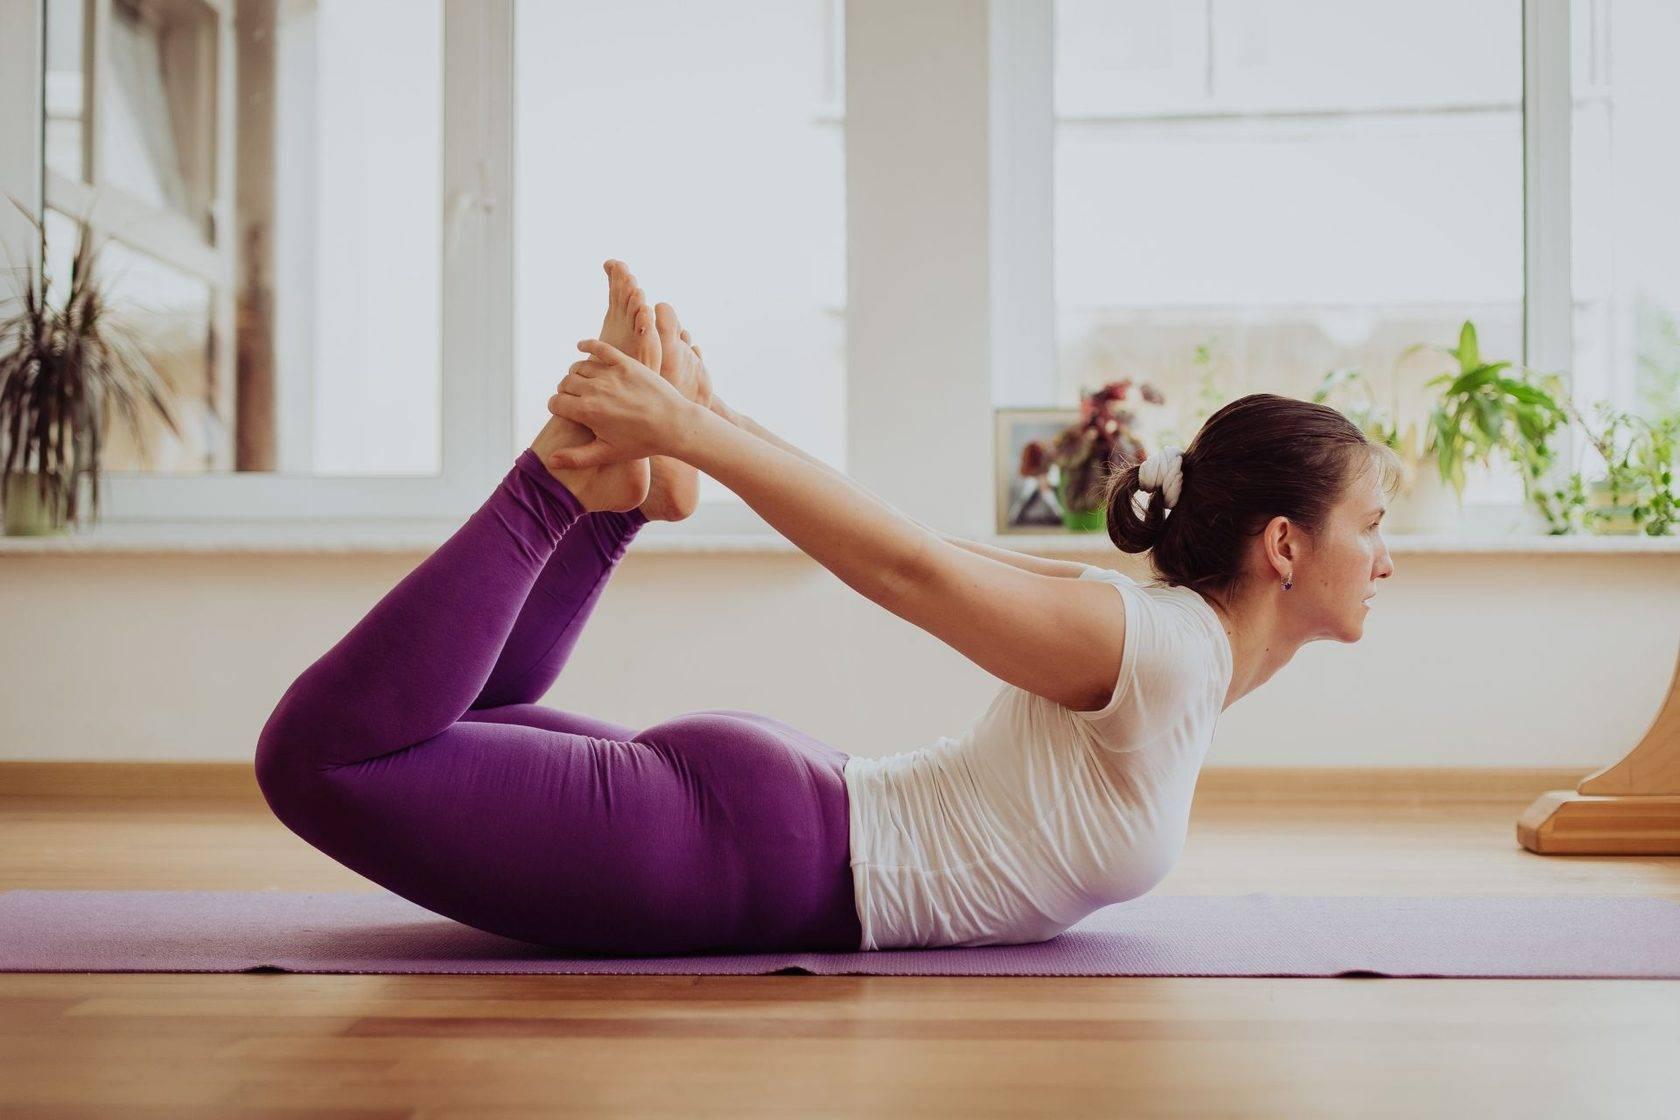 Видео основы йоги для начинающих смотреть онлайн в хорошем качестве, скачать - уроки для начинающих самостоятельные занятия по йоге